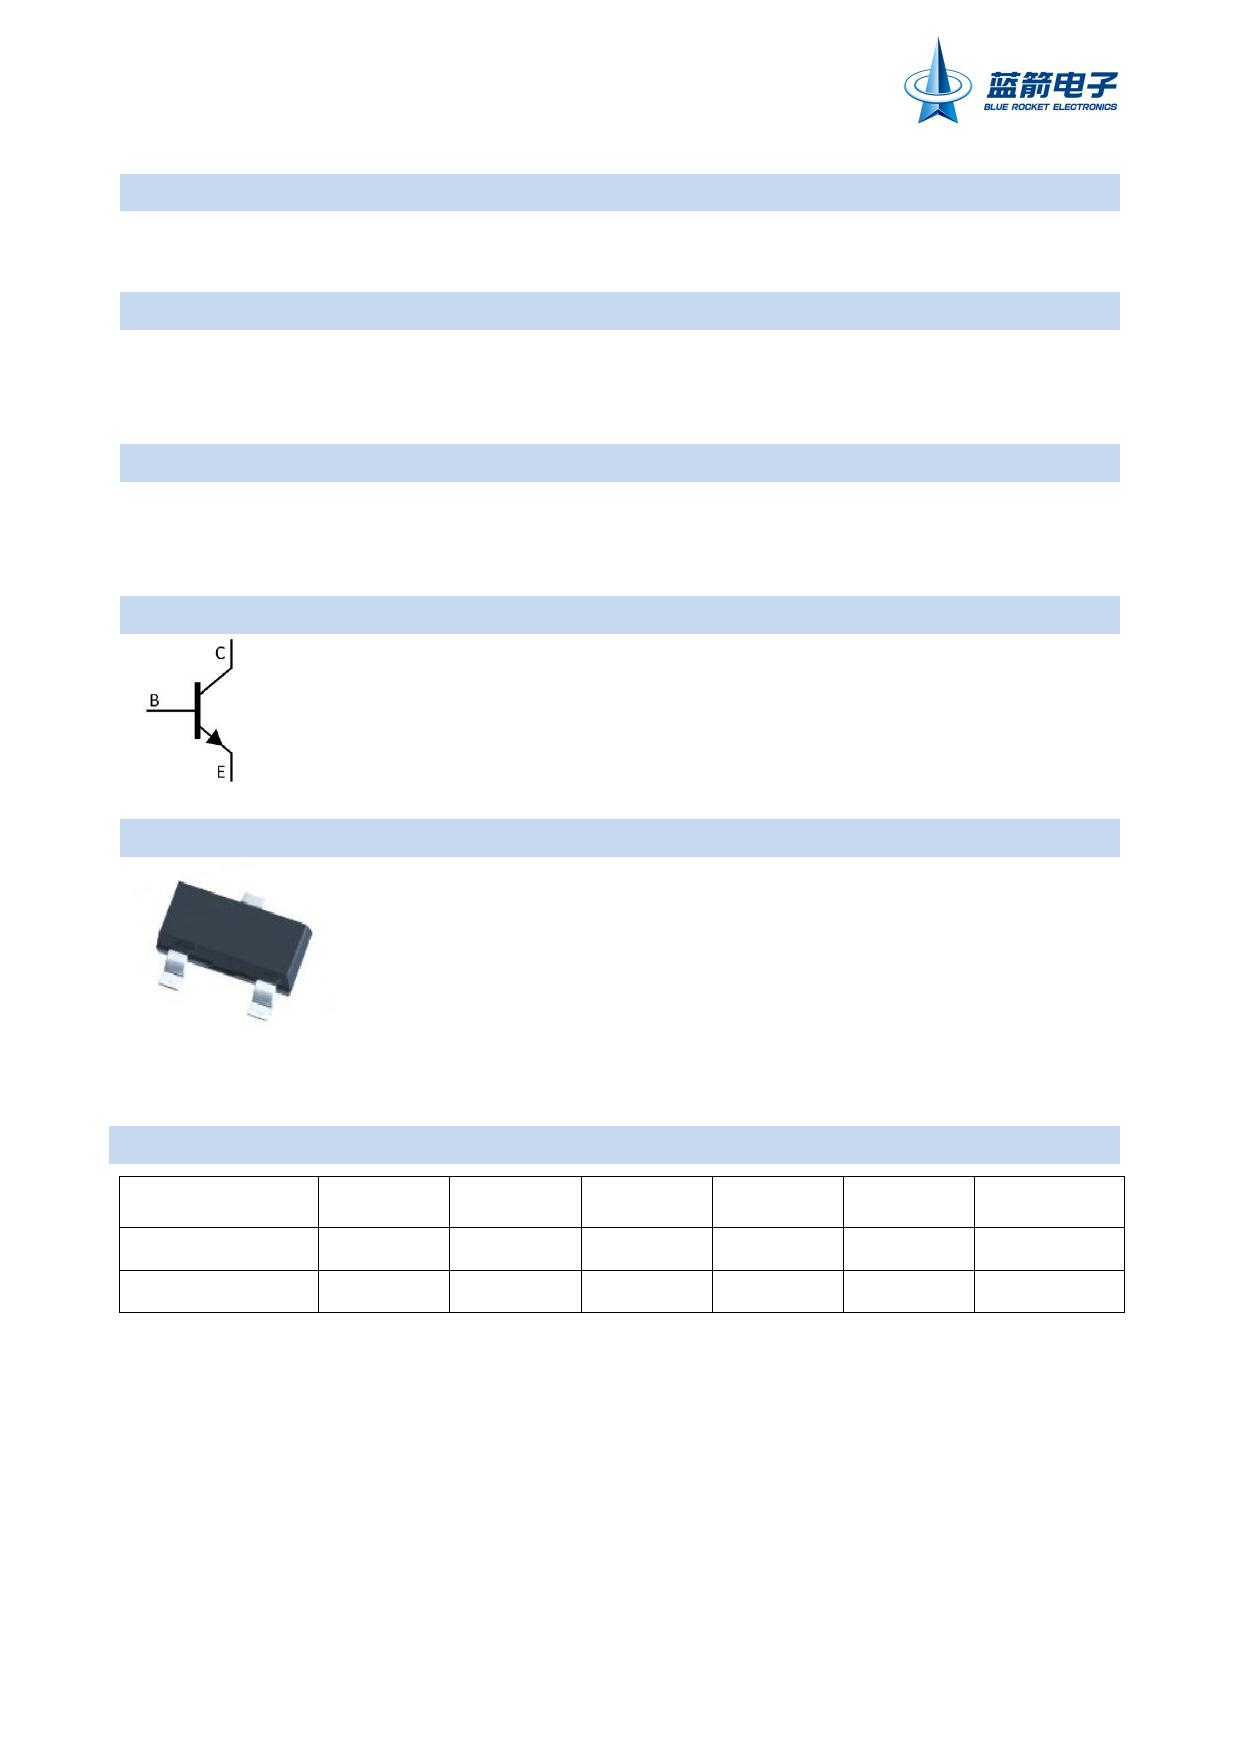 9018M datasheet